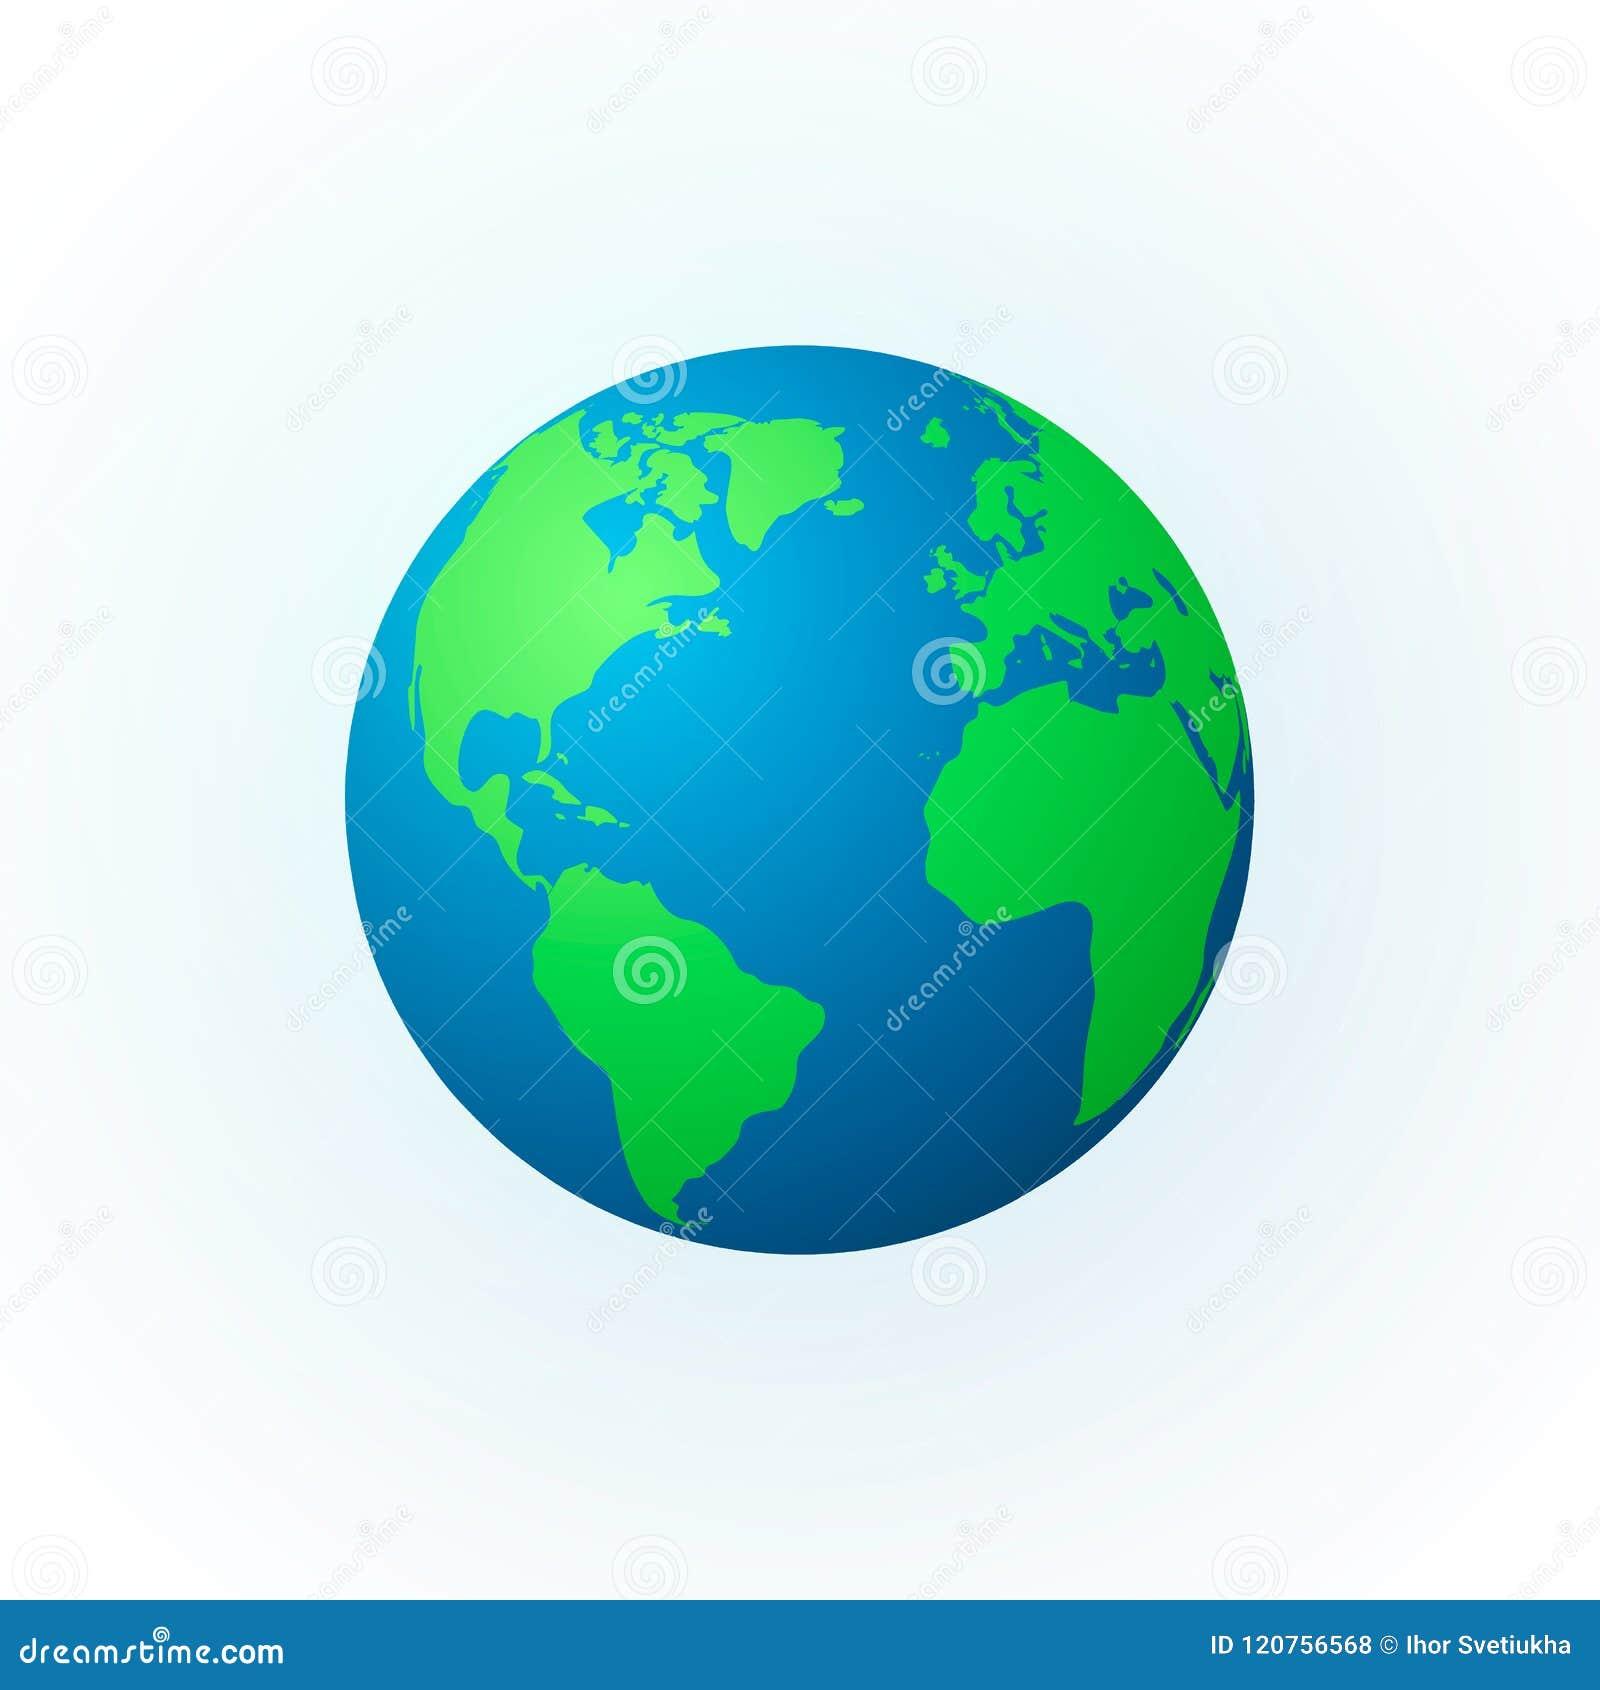 Erde in Form einer Kugel Erdplanetenikone Ausführliche farbige Weltkarte Vektorabbildung getrennt auf weißem Hintergrund